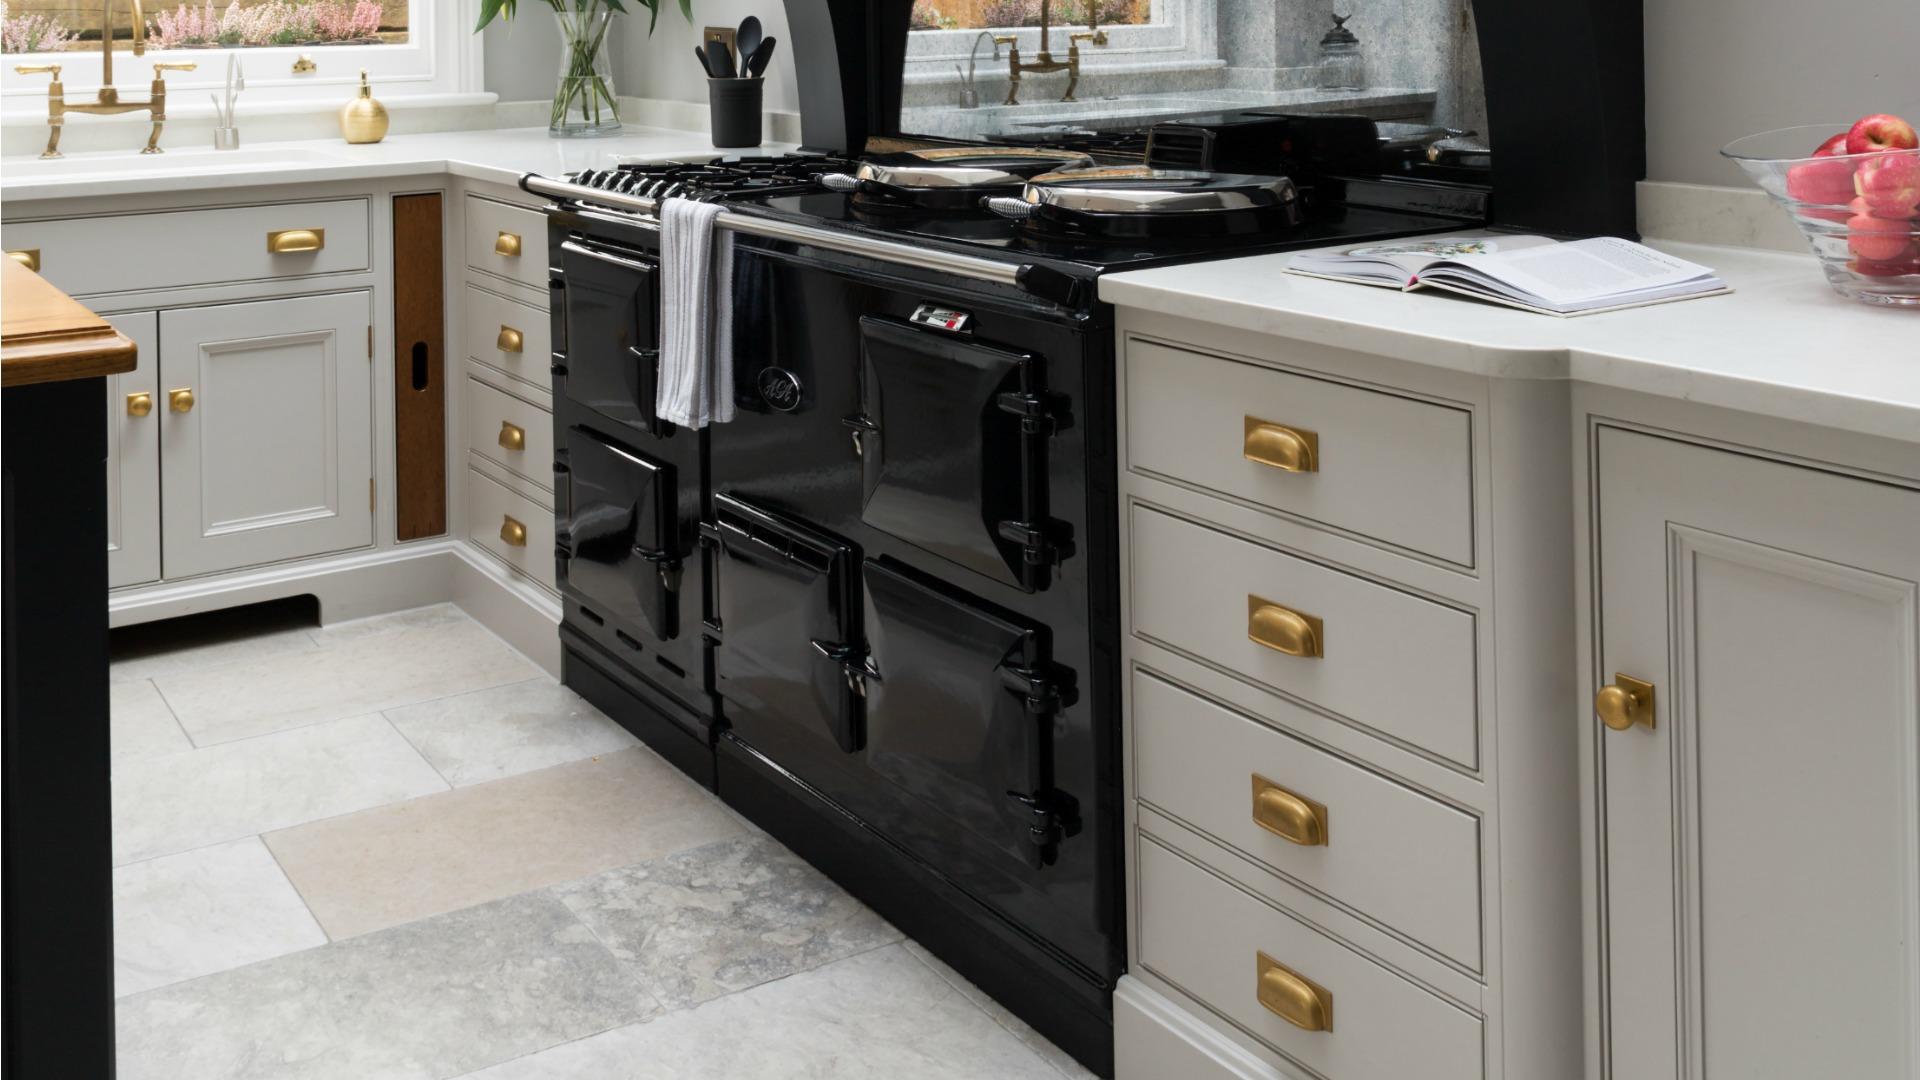 AGA - Humphrey Munson - Hertfordshire - Essex - Beautiful Handmade Kitchens